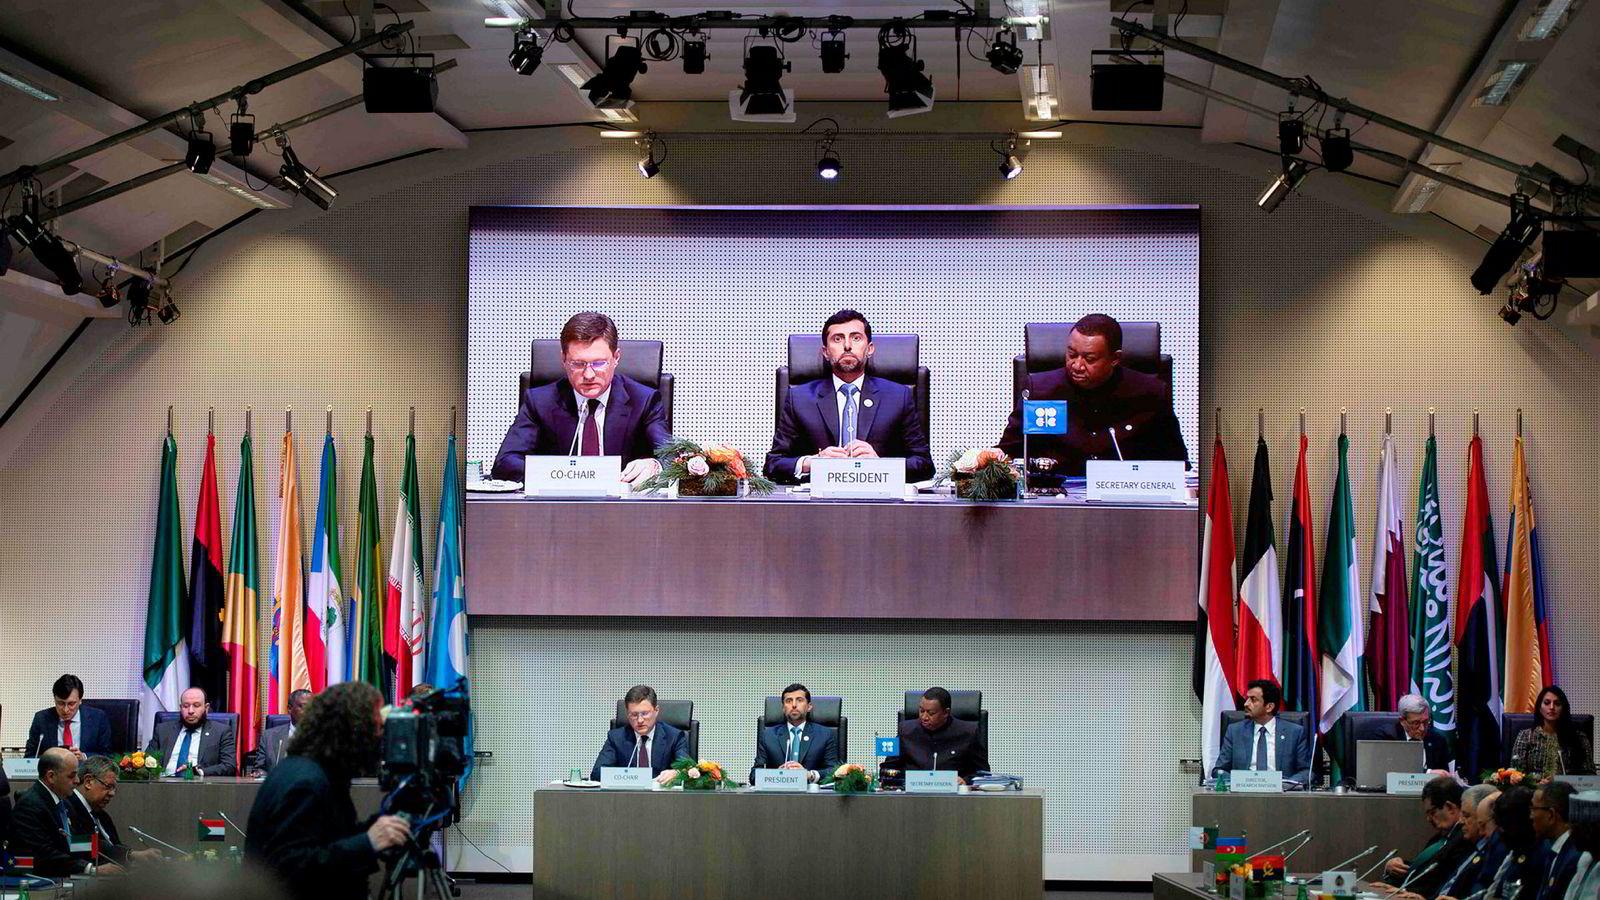 Opec-toppene Russlands energiminister Alexander Novak (fra venstre),  president i Opec og energiminister Suhail al-Mazroueiand og Opecs generalsekretær Mohammed Sanusi Barkindo.